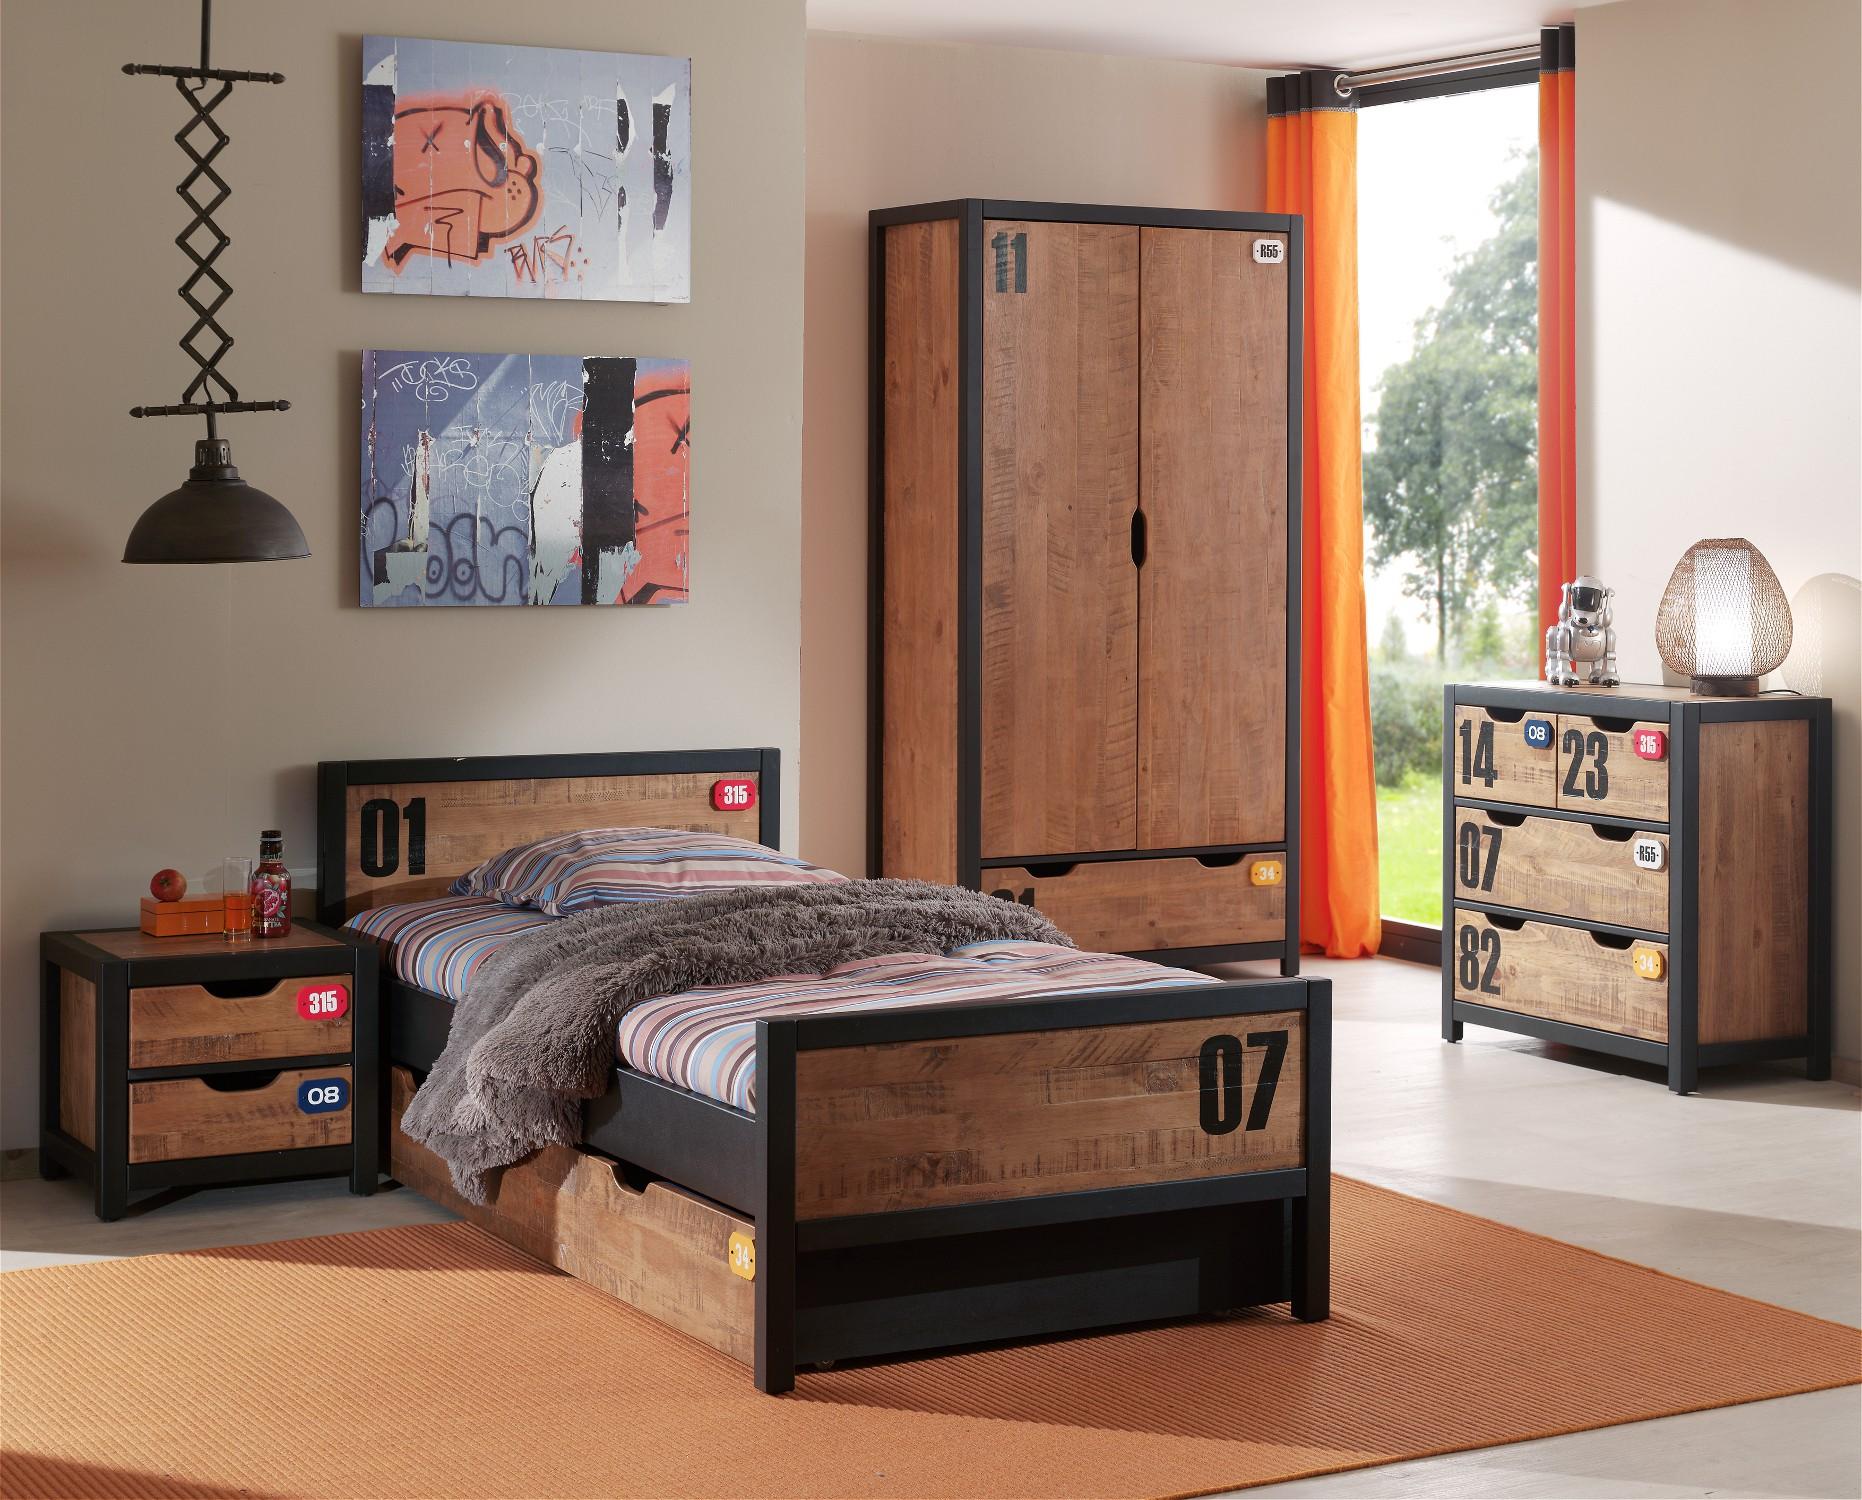 Jugendzimmer komplett günstig  Jugendzimmer ALEX - komplett mit Einzelbett, Bettschublade ...